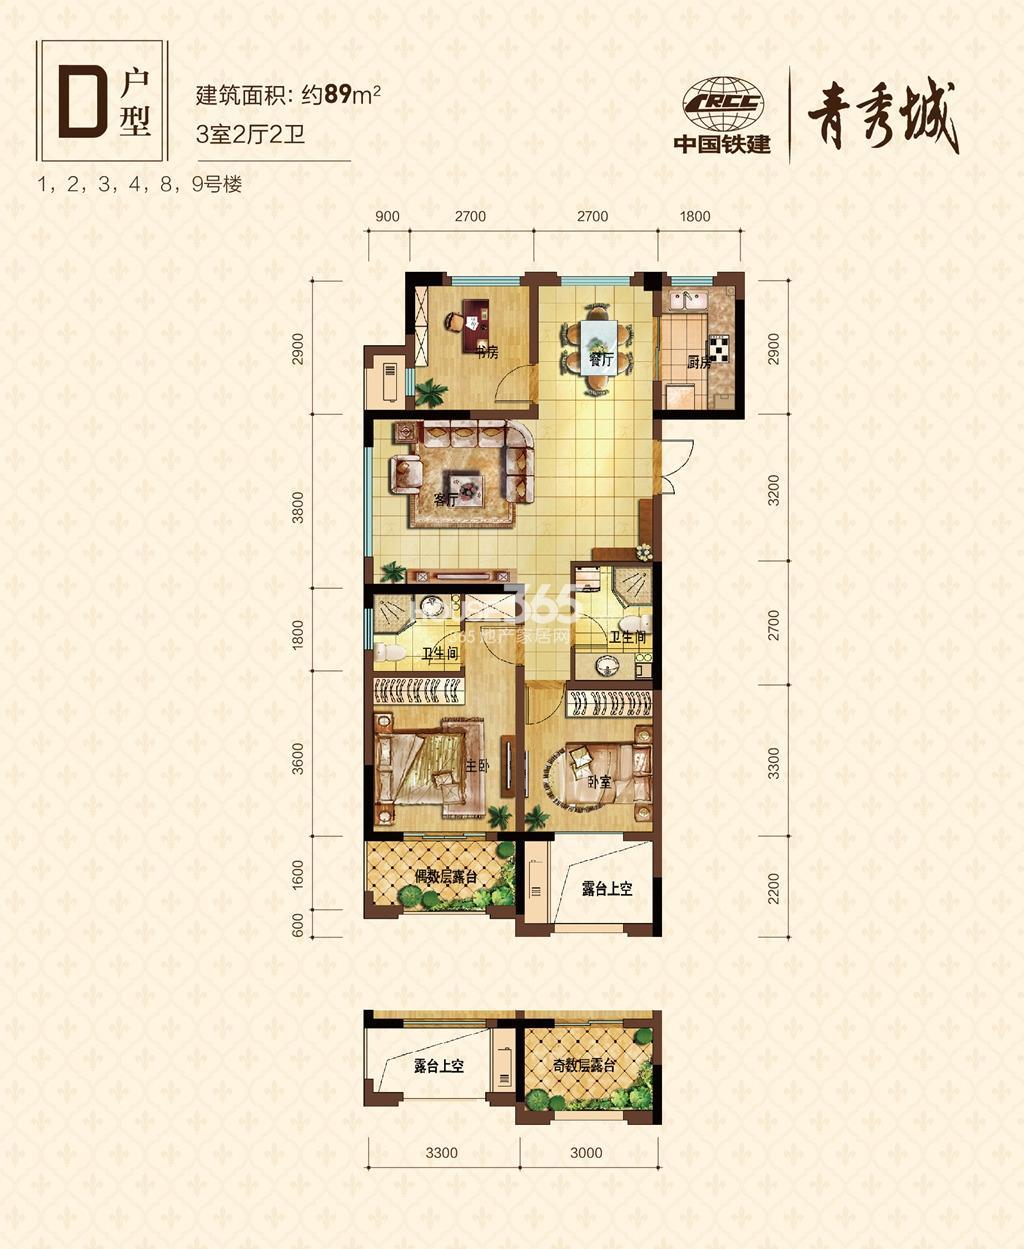 中国铁建青秀城D户型图89方(1-4、6-9、11、12号楼)